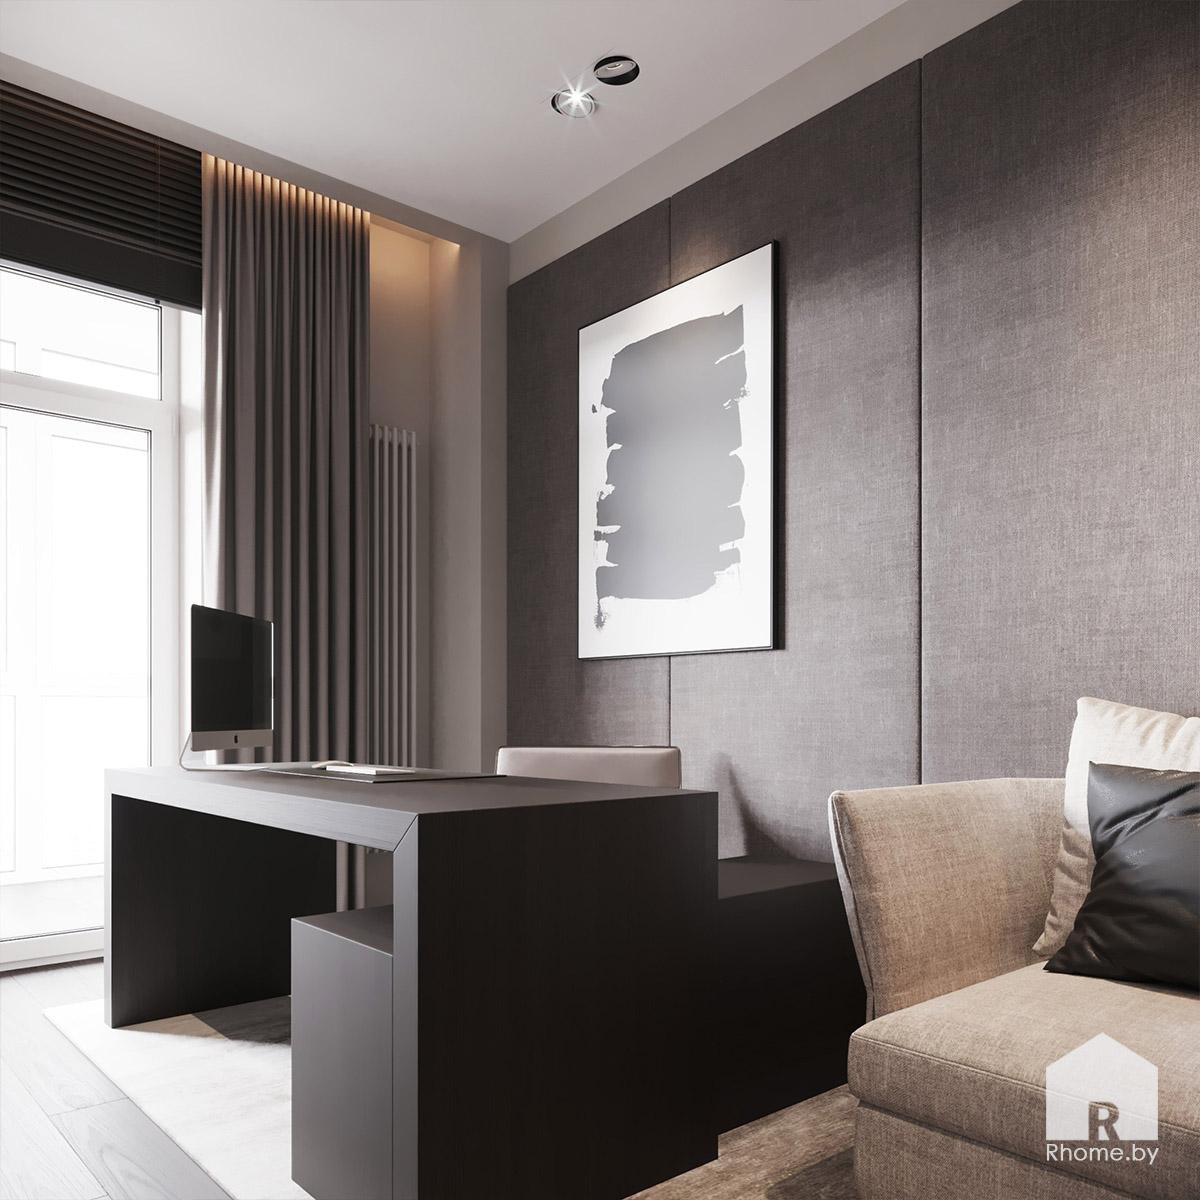 Дизайн интерьера кабинета в квартире на улице Сторожевская | Дизайн студия – Rhome.by